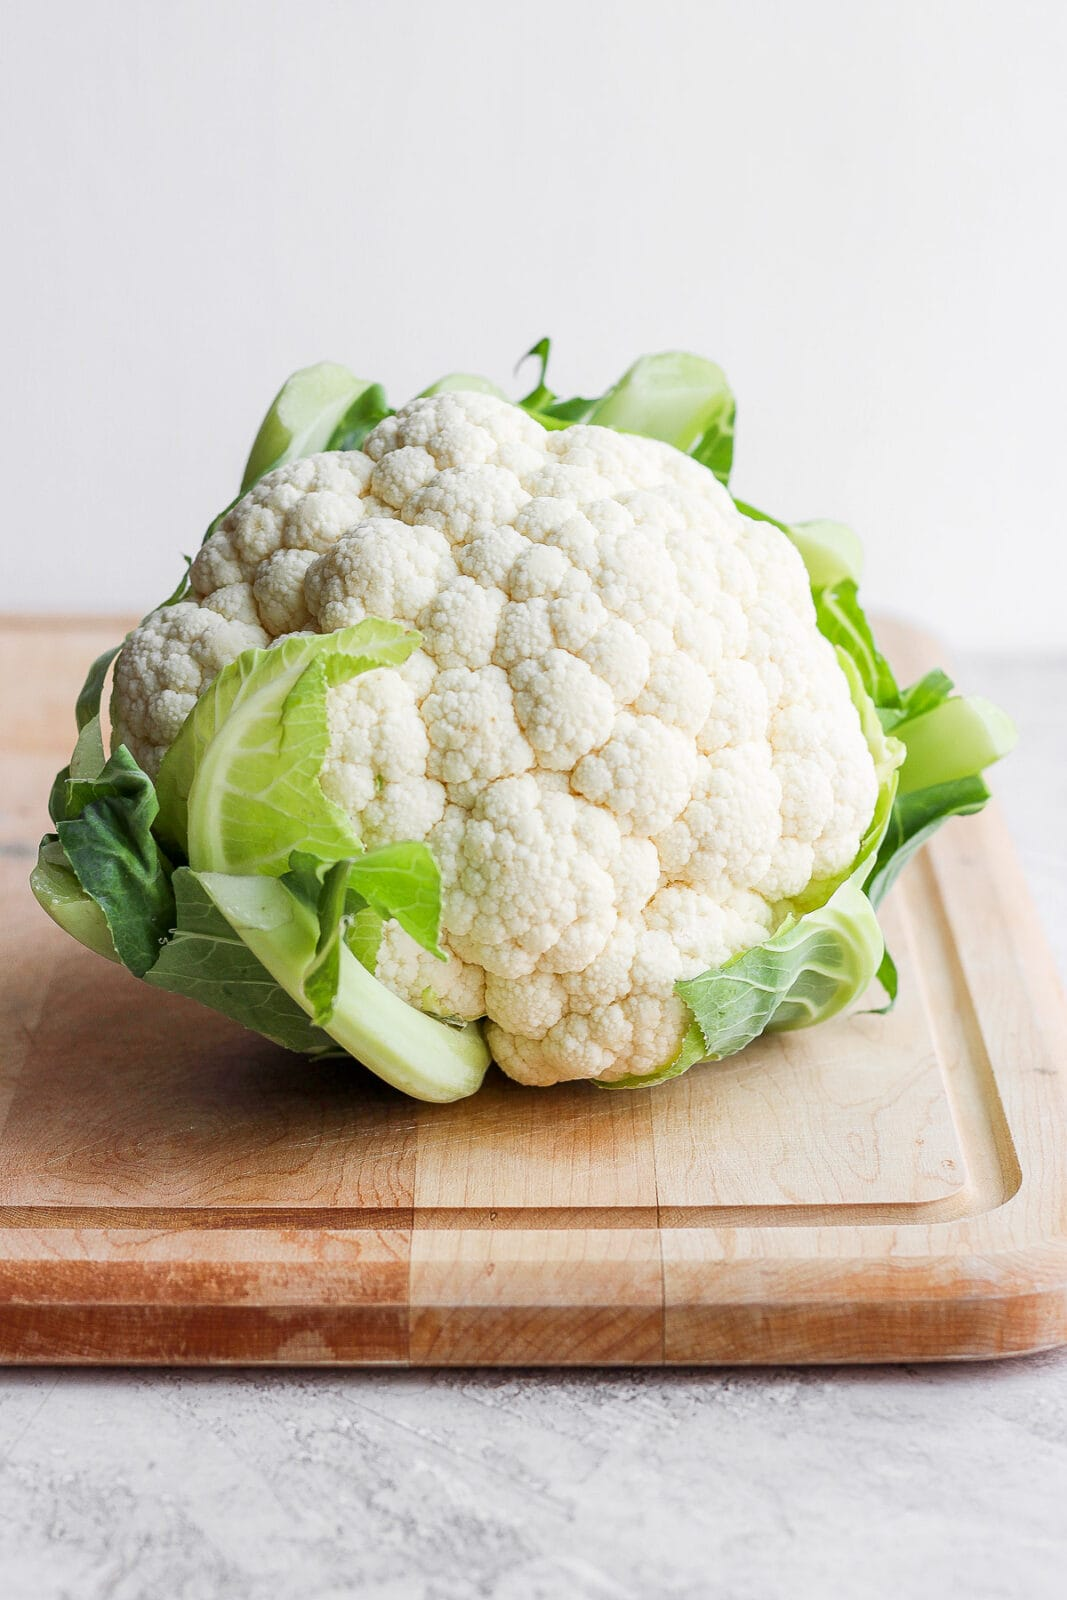 Head of cauliflower sitting on a cutting board.